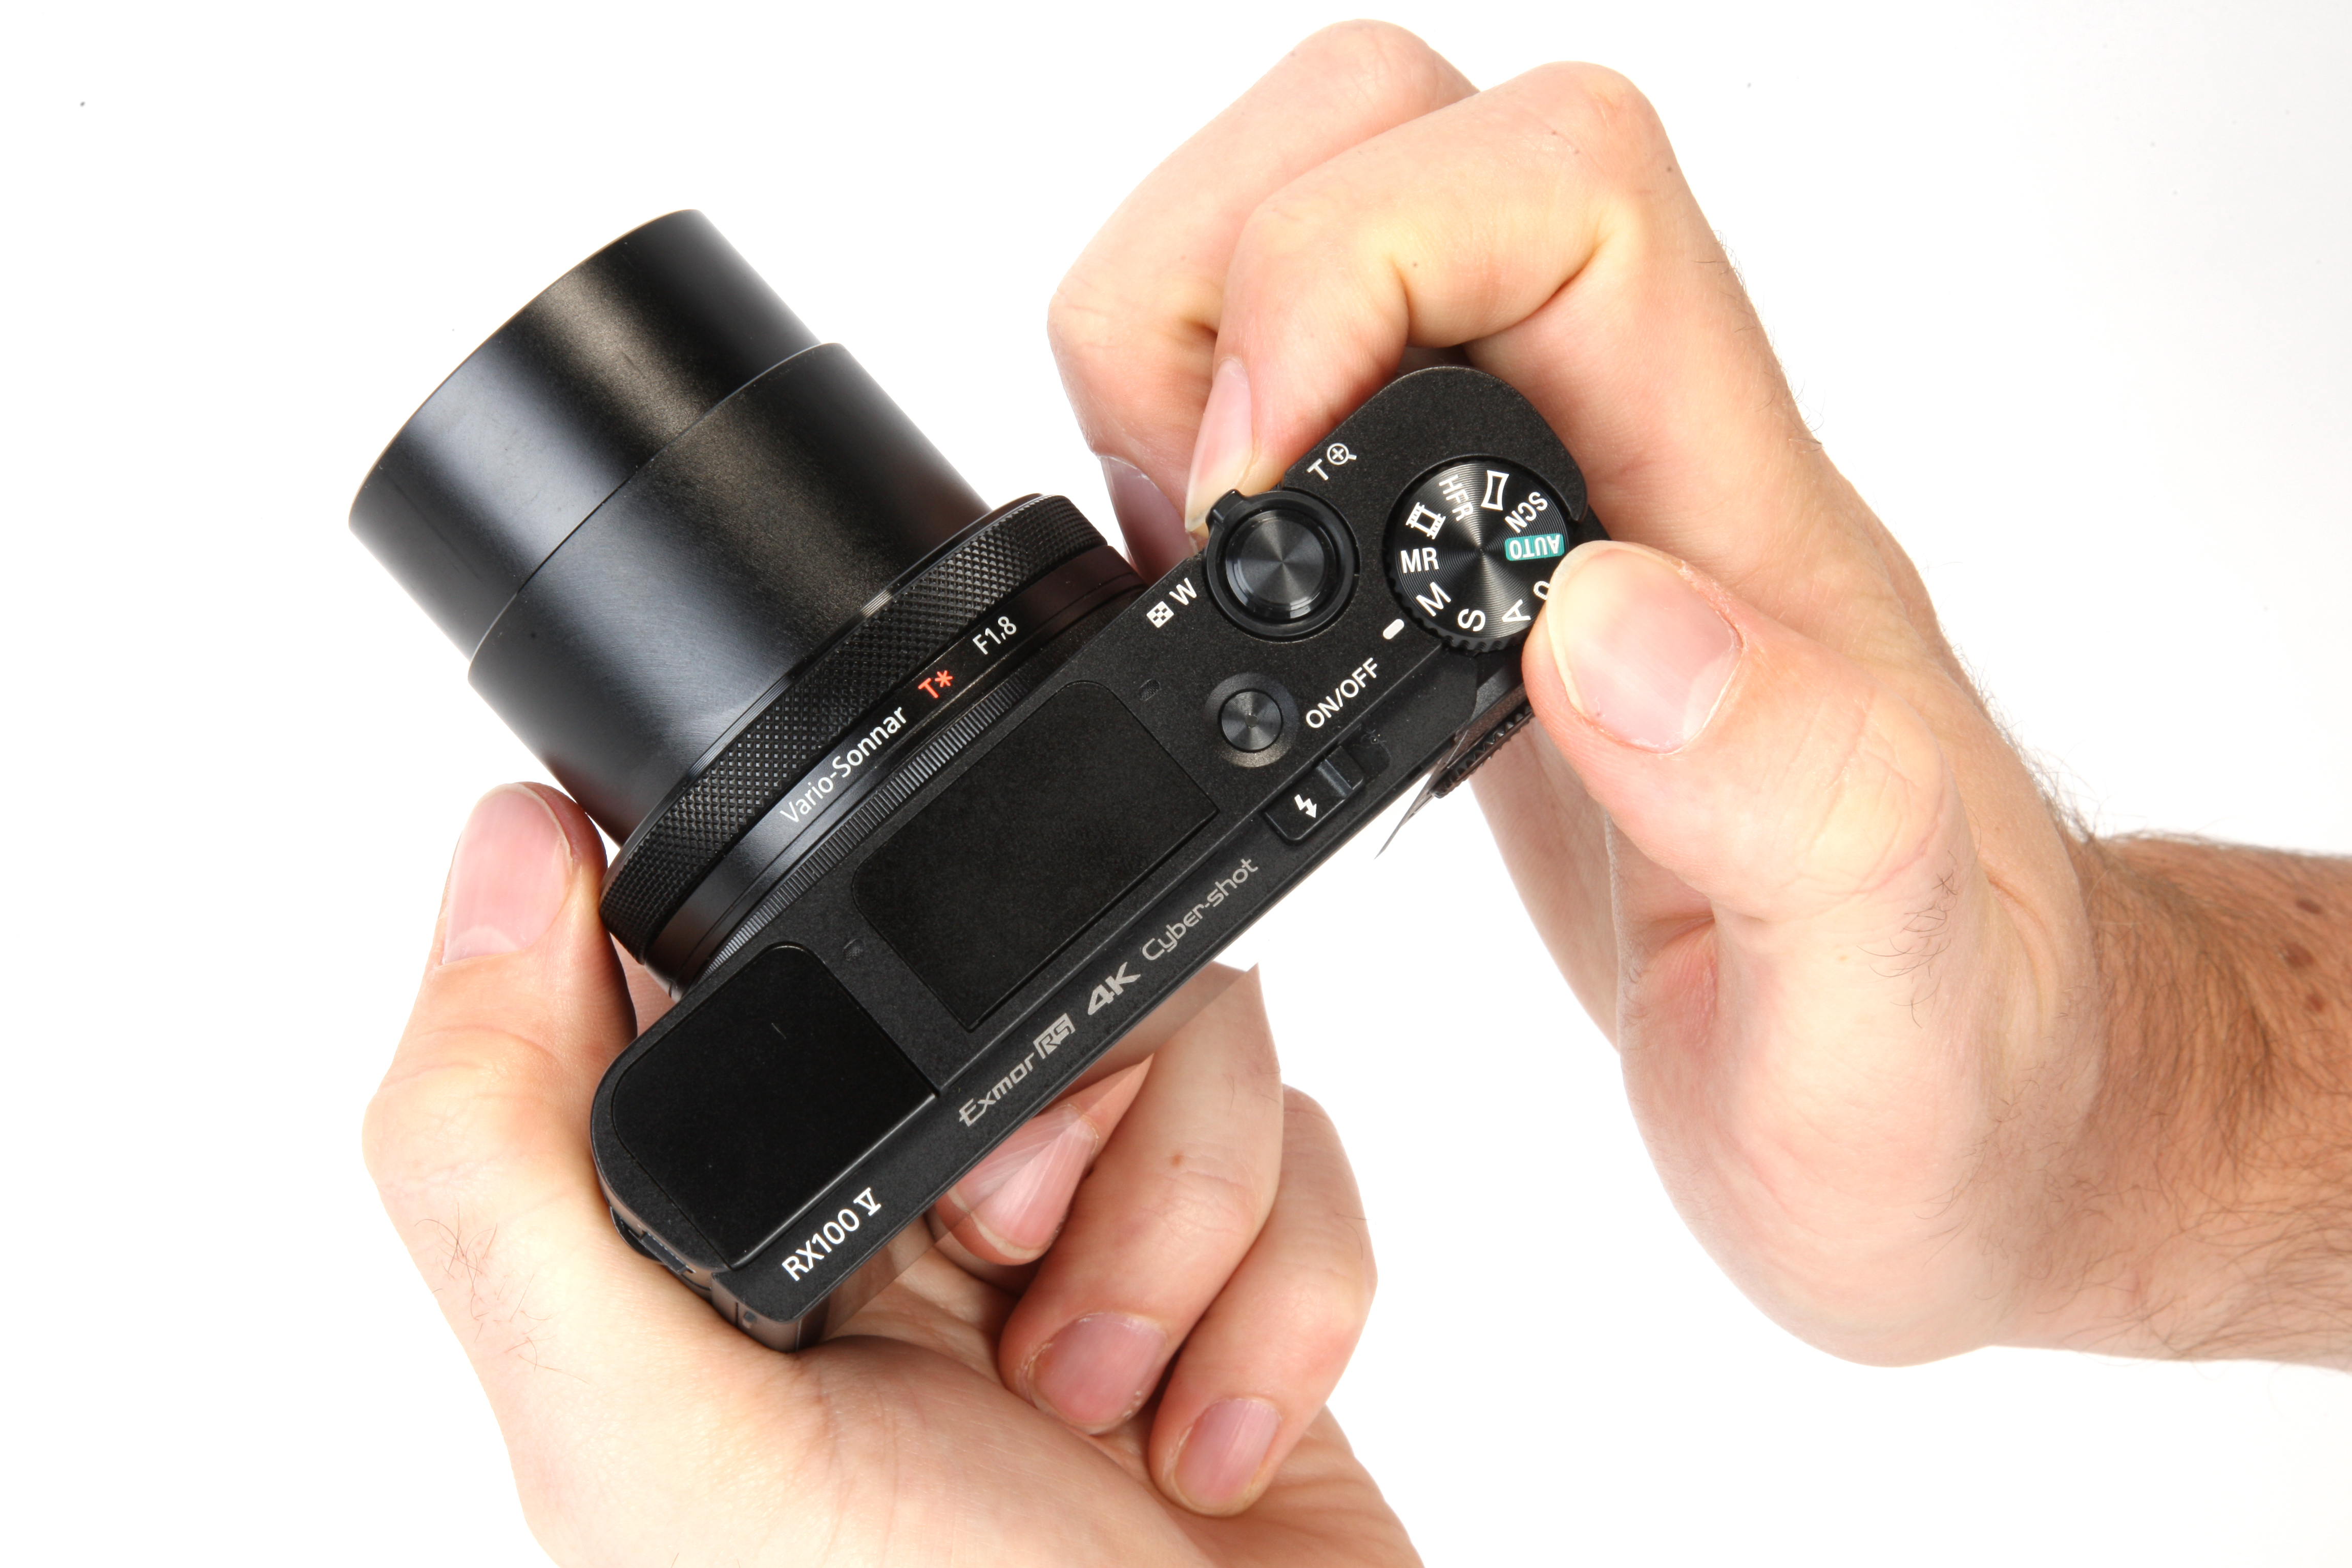 amateur photographer - news, camera reviews, lens reviews, equipment